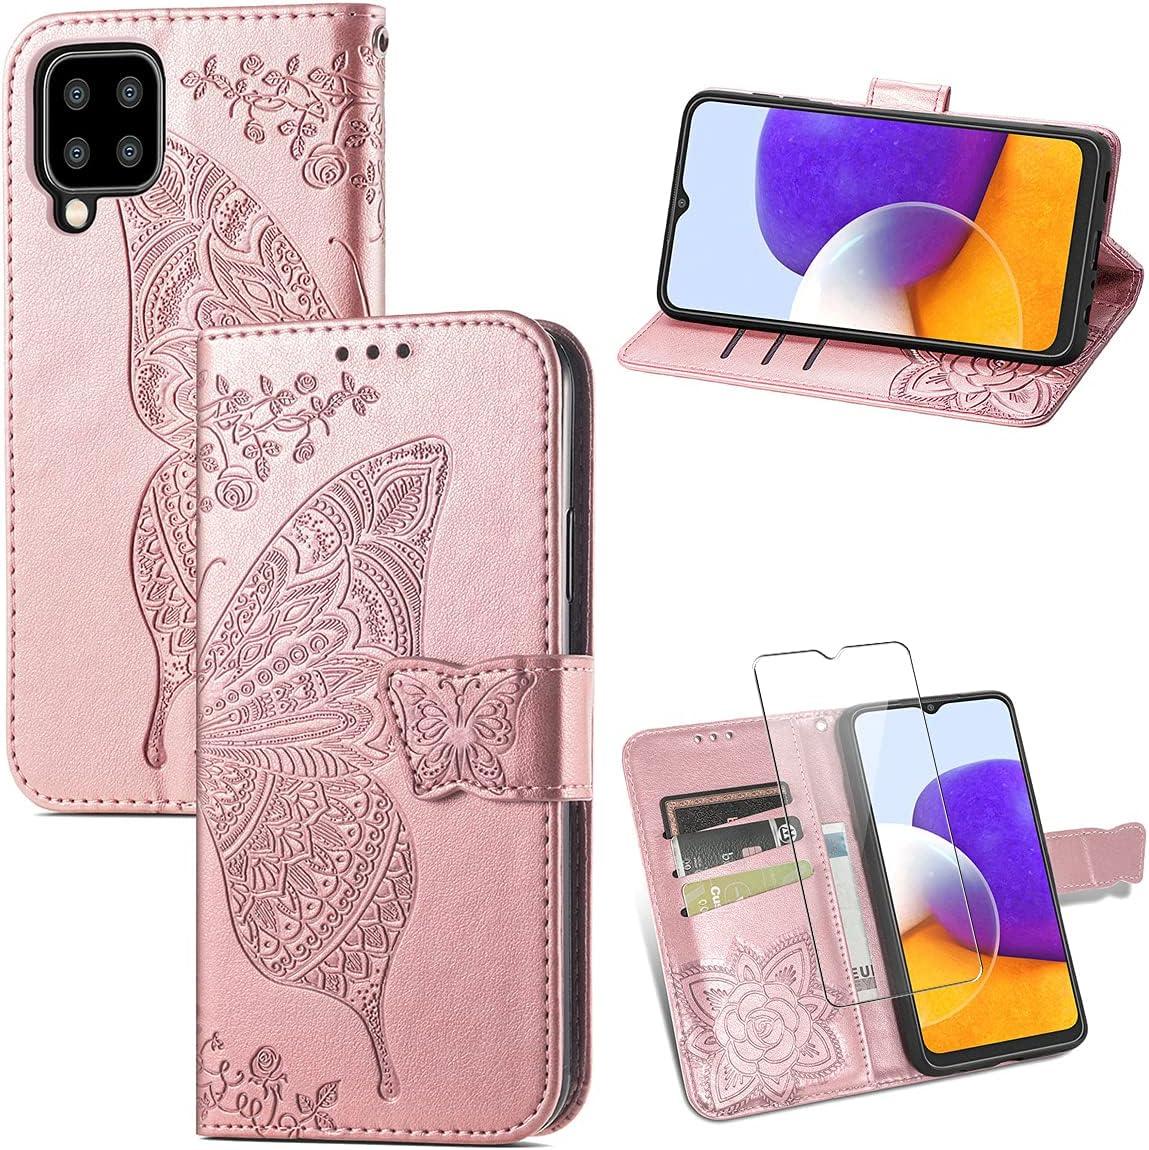 Reshias Funda para Samsung Galaxy A22 4G, Rosa PU Cuero Función de Soporte Billetera Flip Protectora Carcasa con UNO Cristal Templado Protector de Pantalla para Samsung Galaxy A22 4G (6.4 Pulgadas)